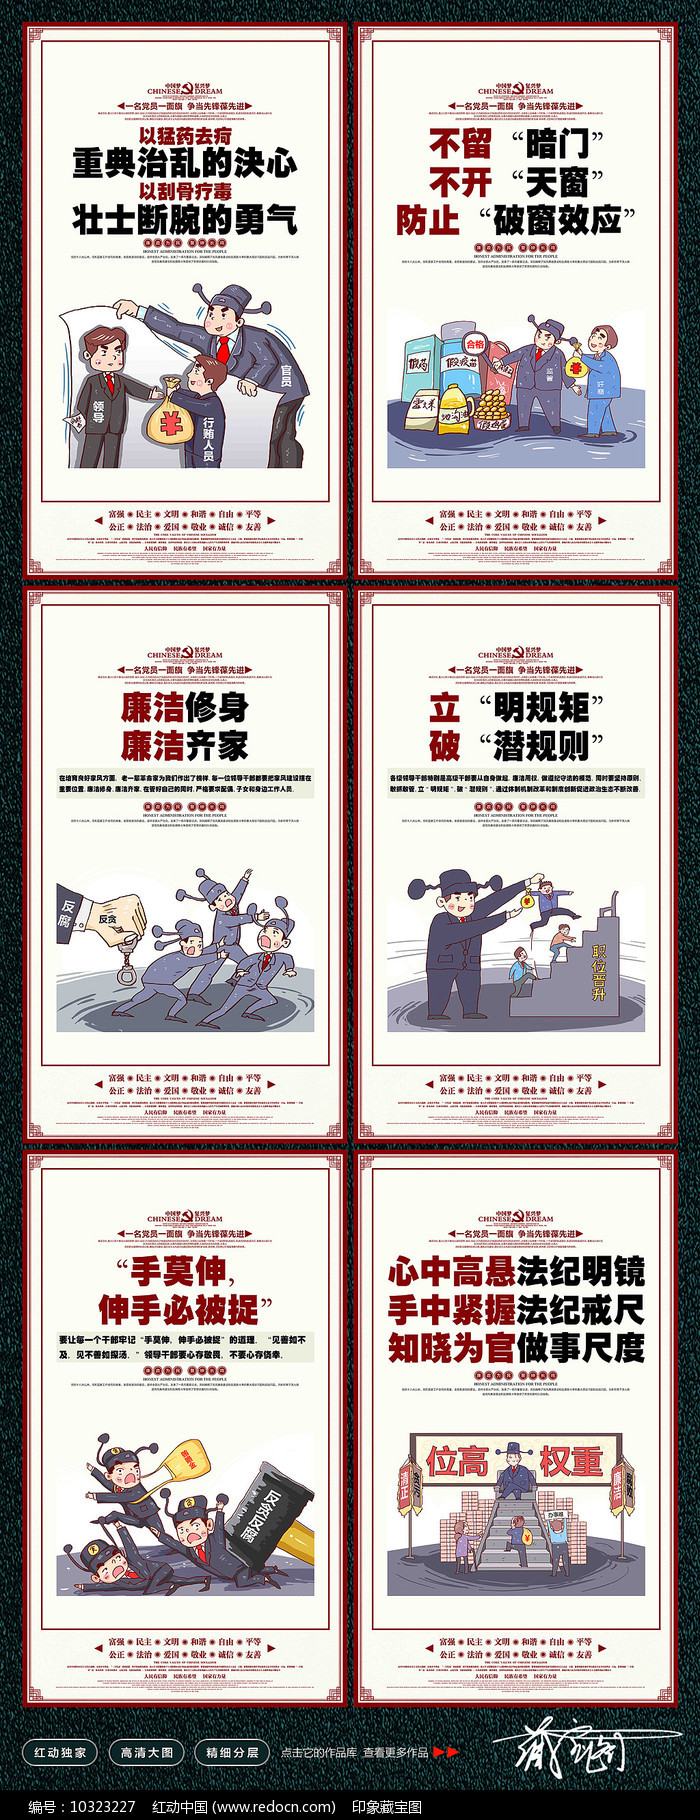 2019反腐倡廉廉政警句漫画展板图片